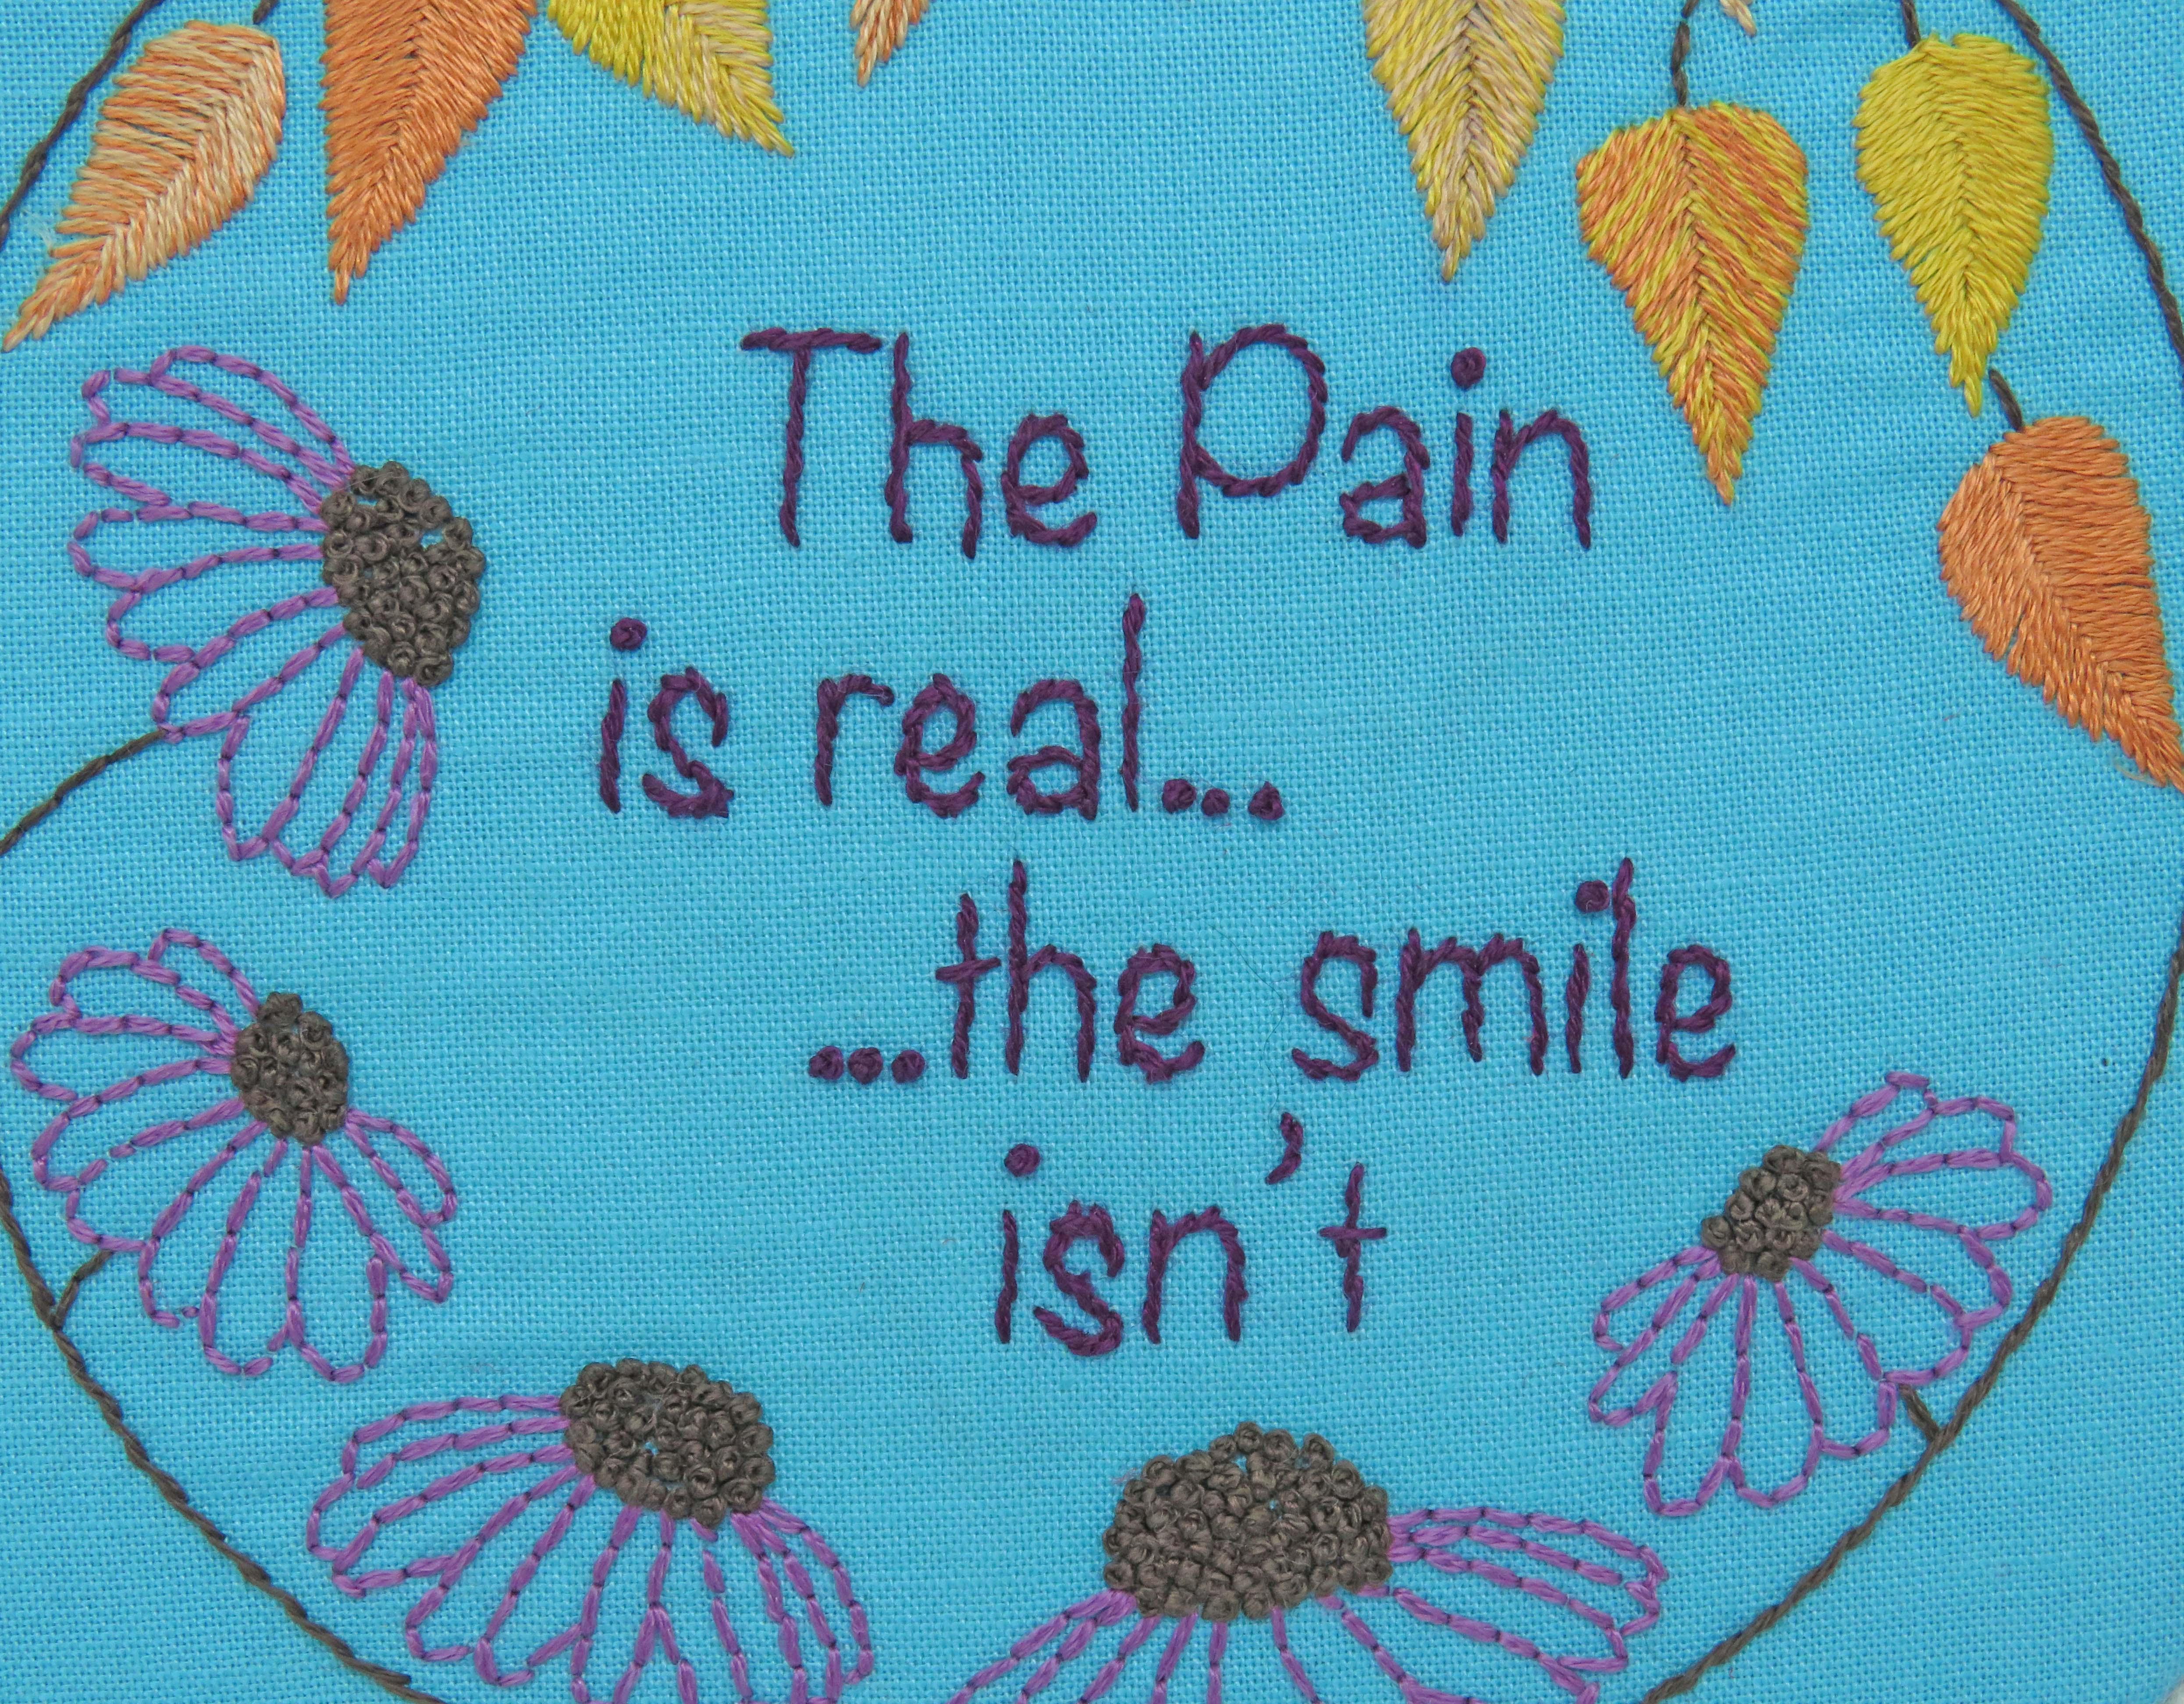 pain ig